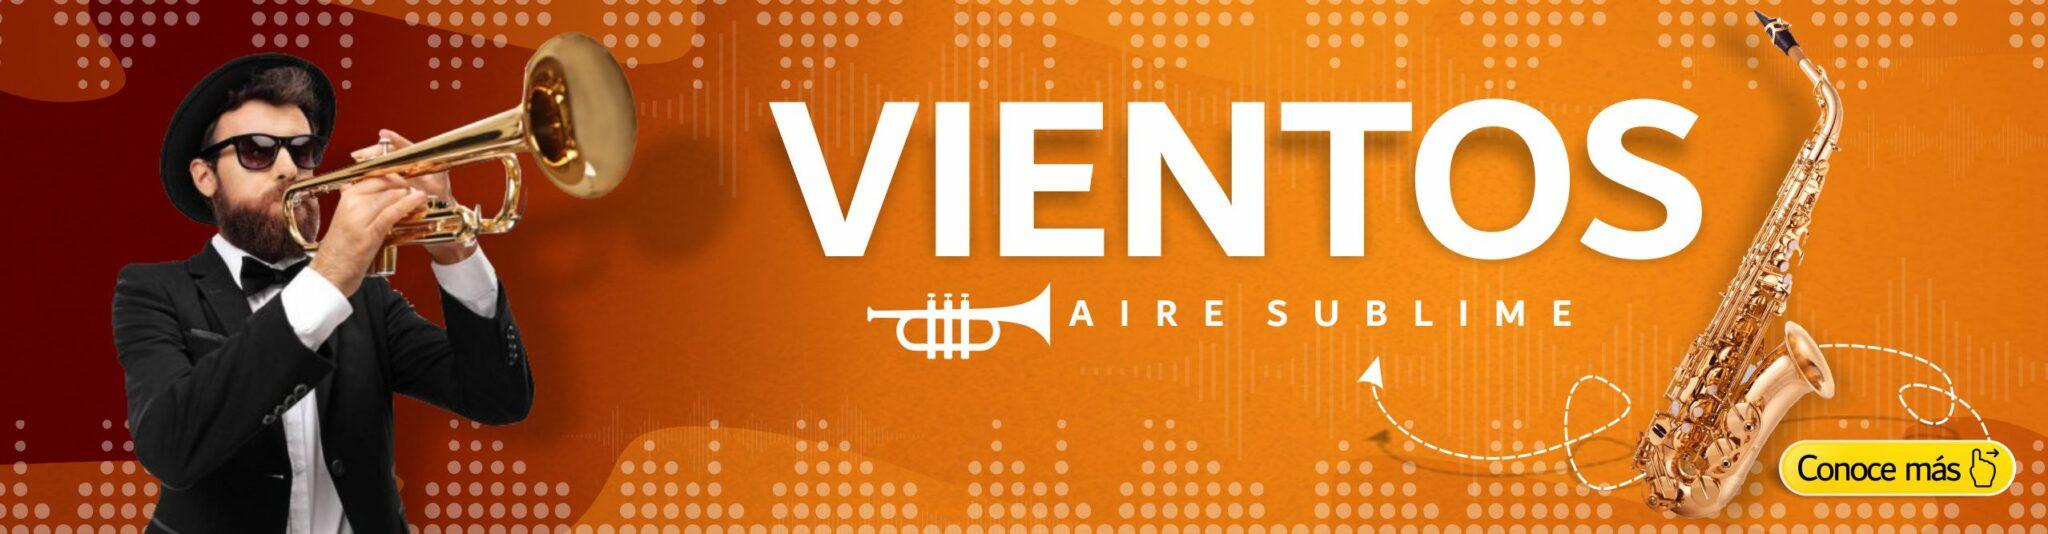 Vientos-banner